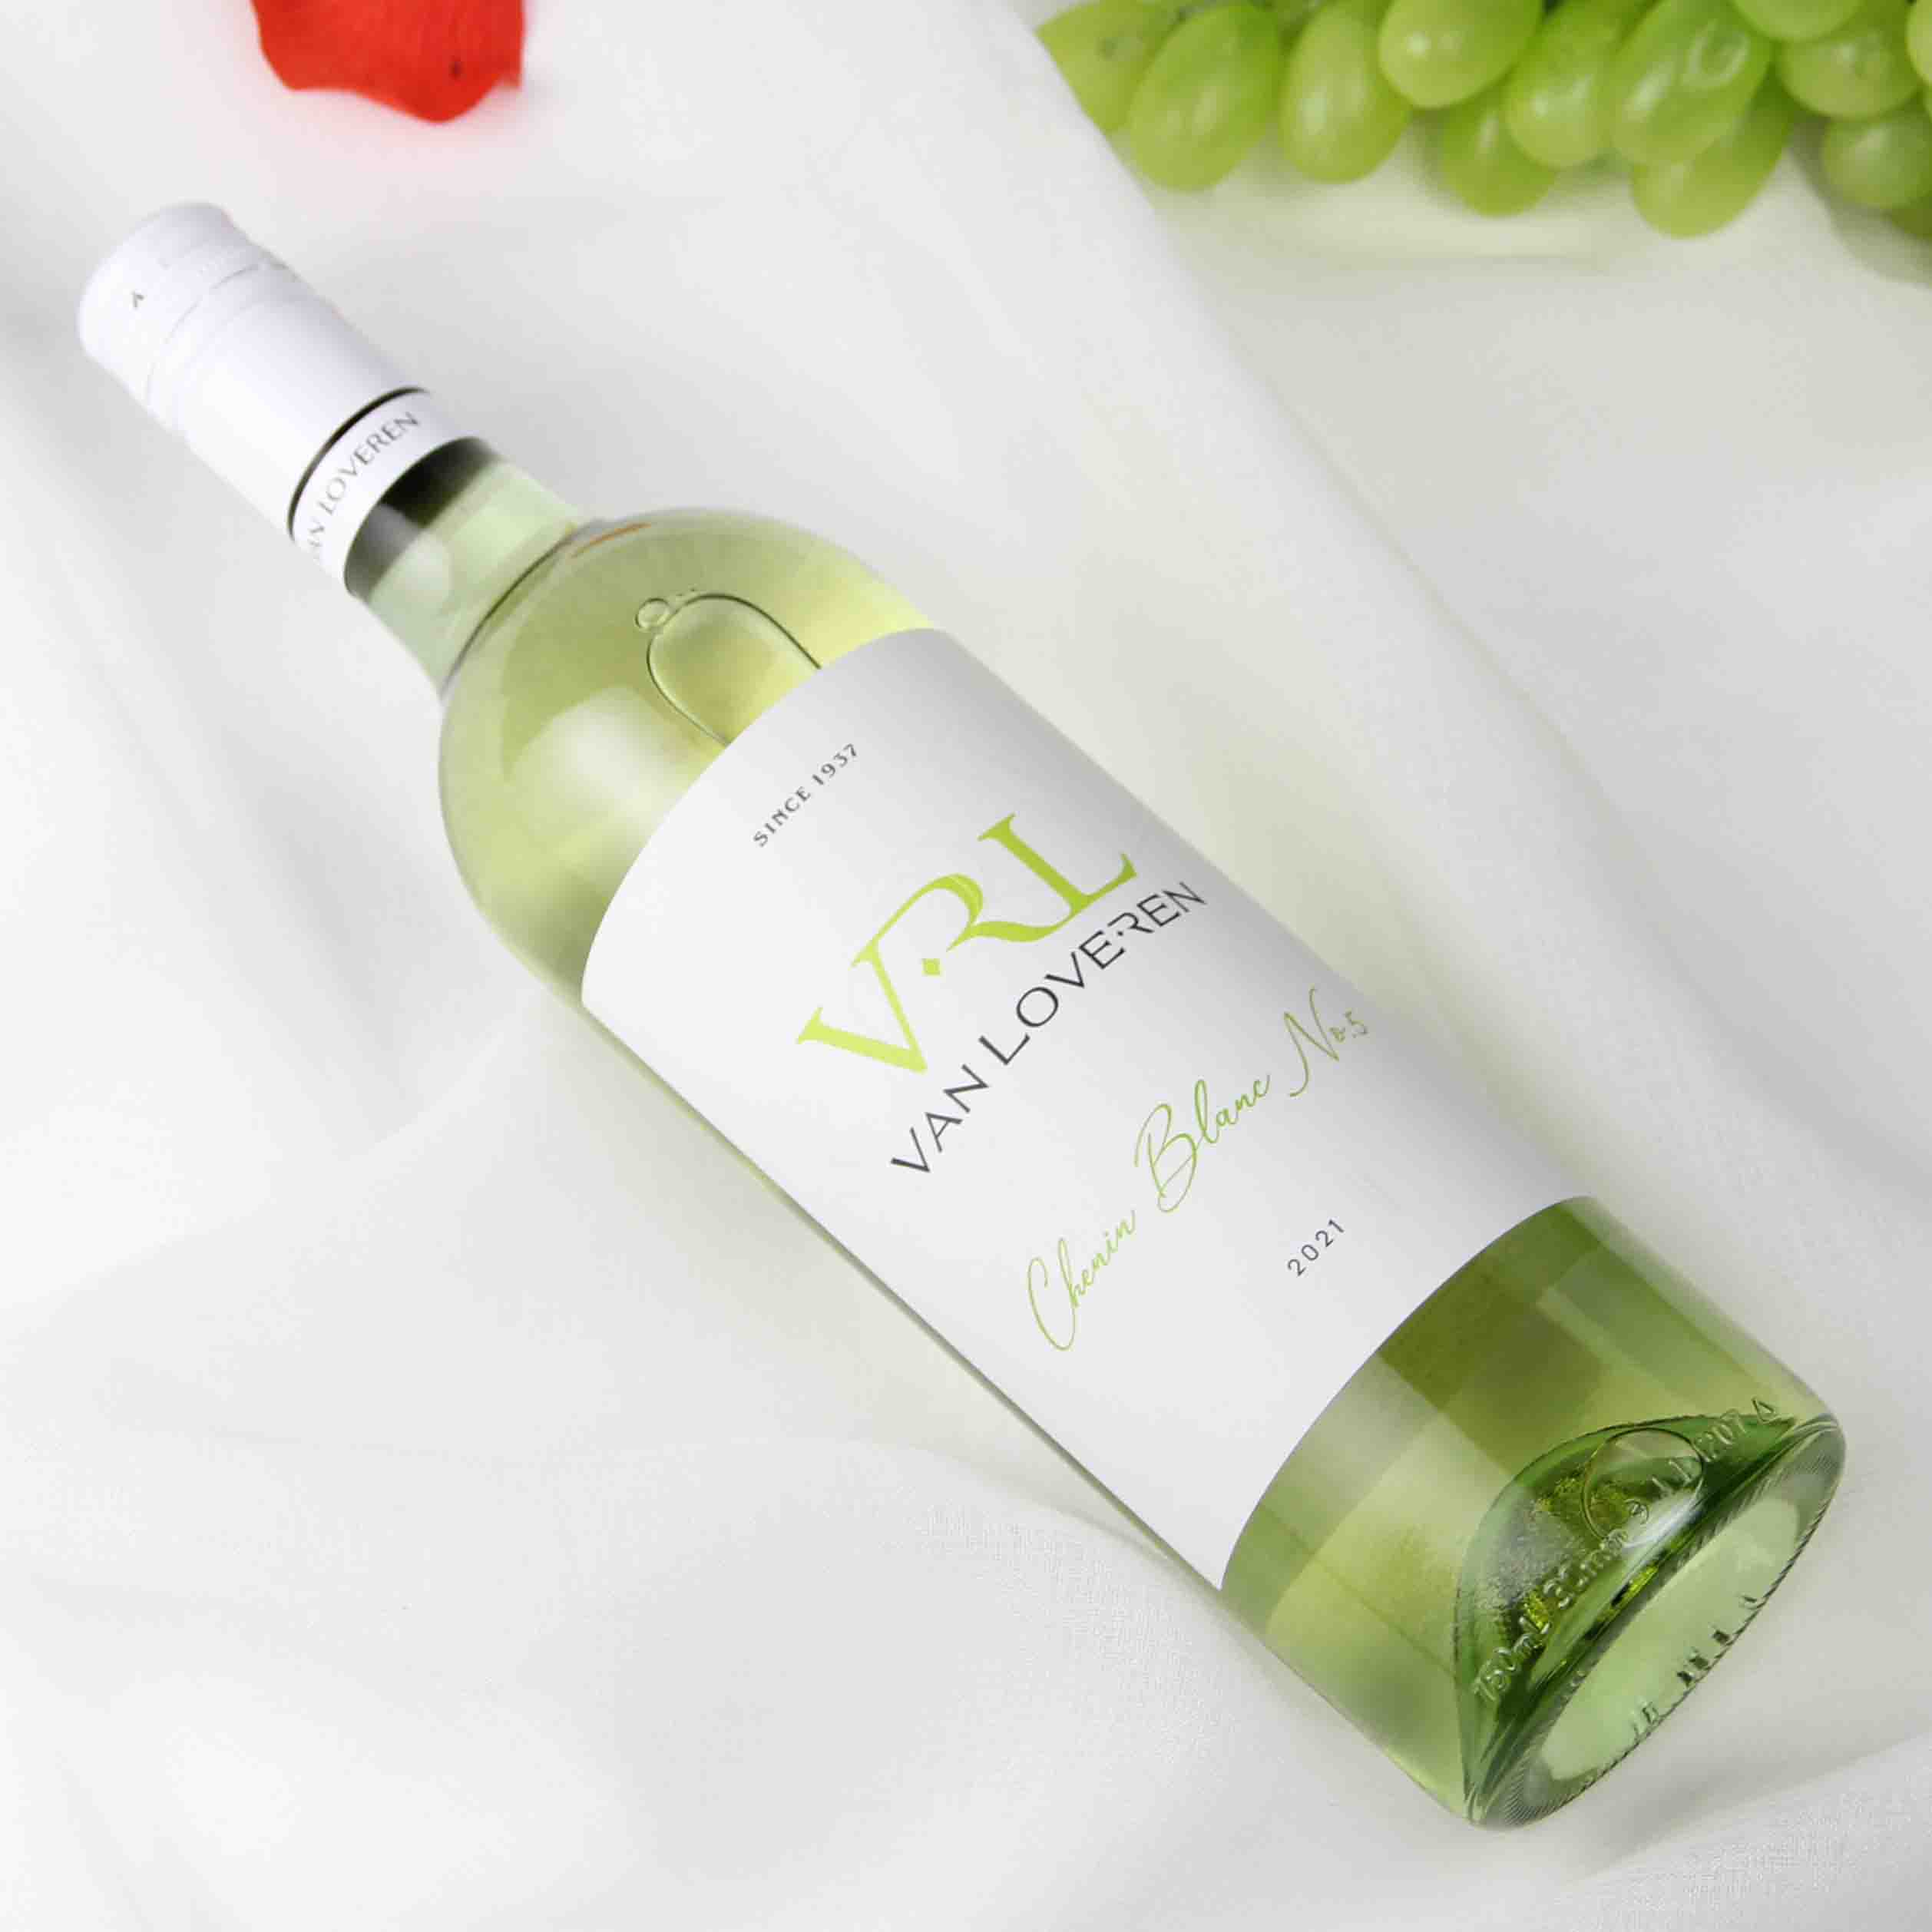 南非罗伯逊山谷梵劳伦酒庄白诗南干白葡萄酒